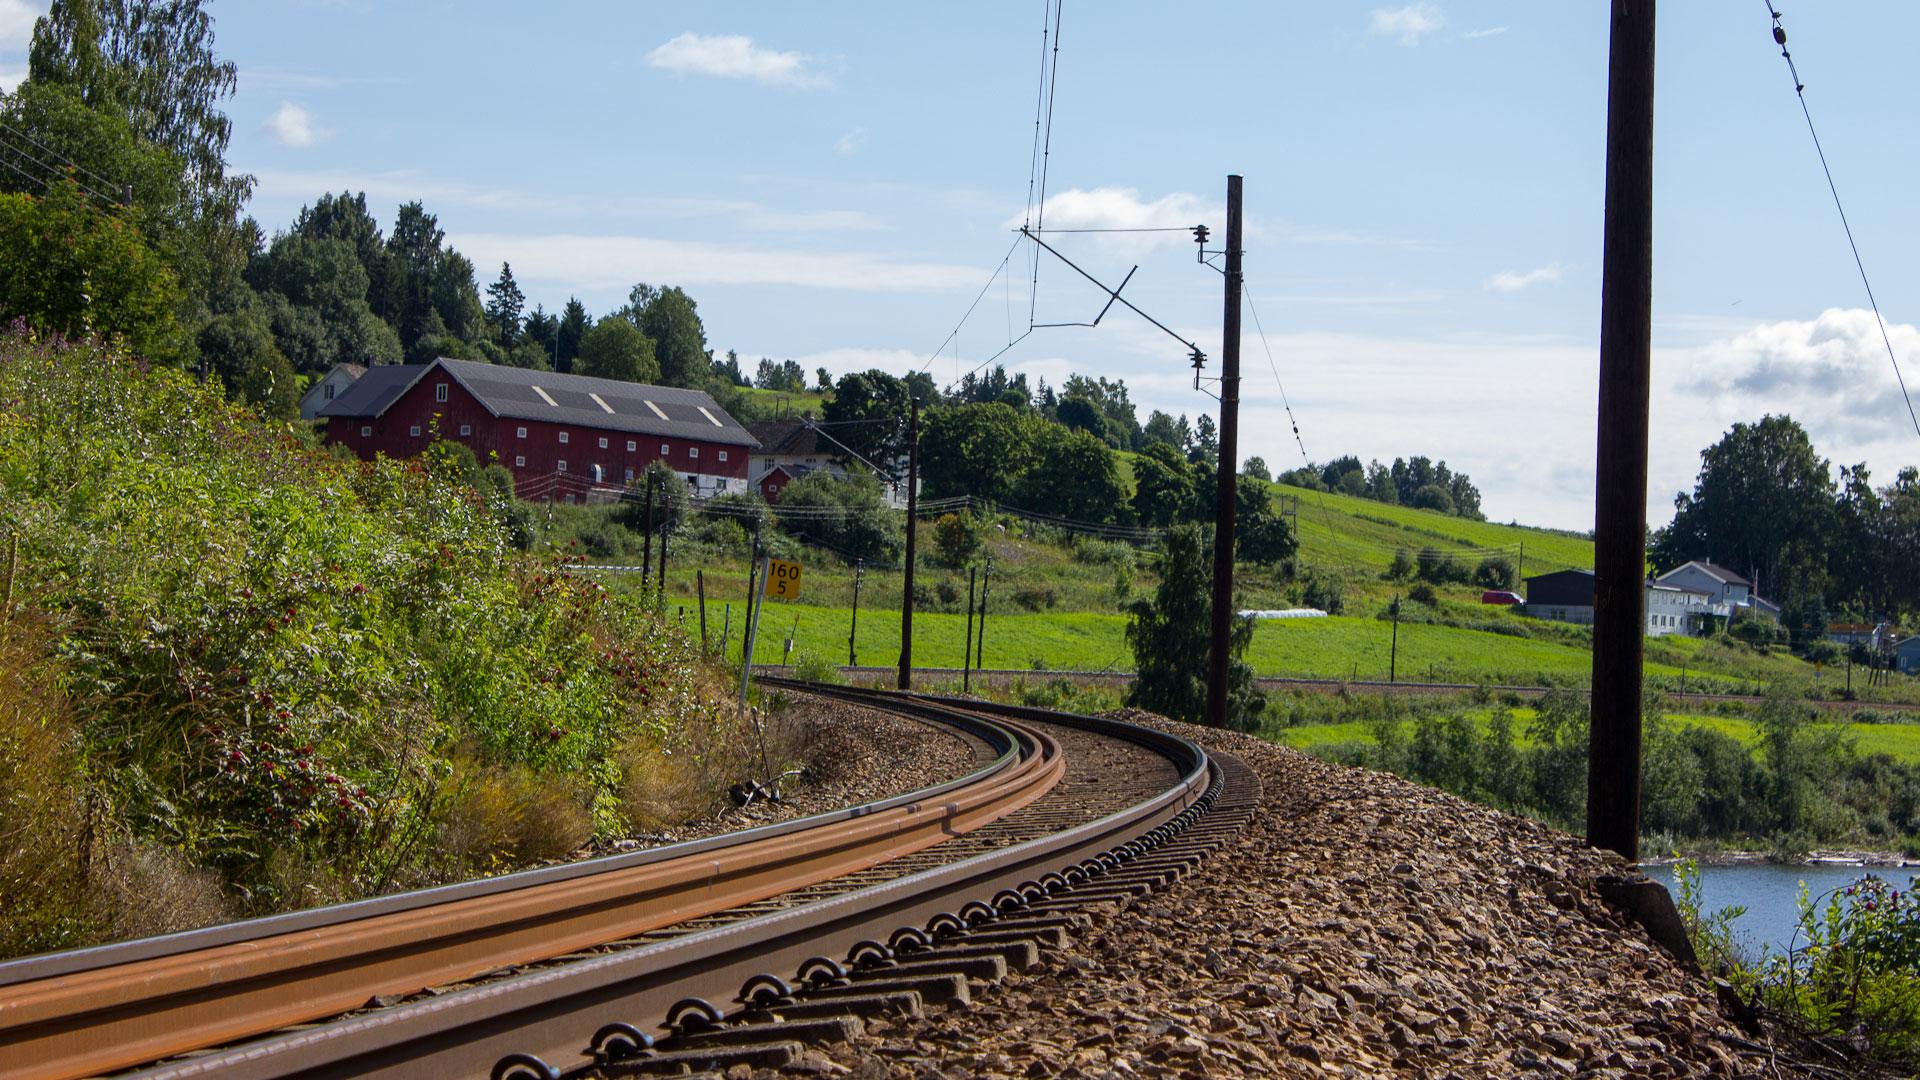 Norwegian train tracks